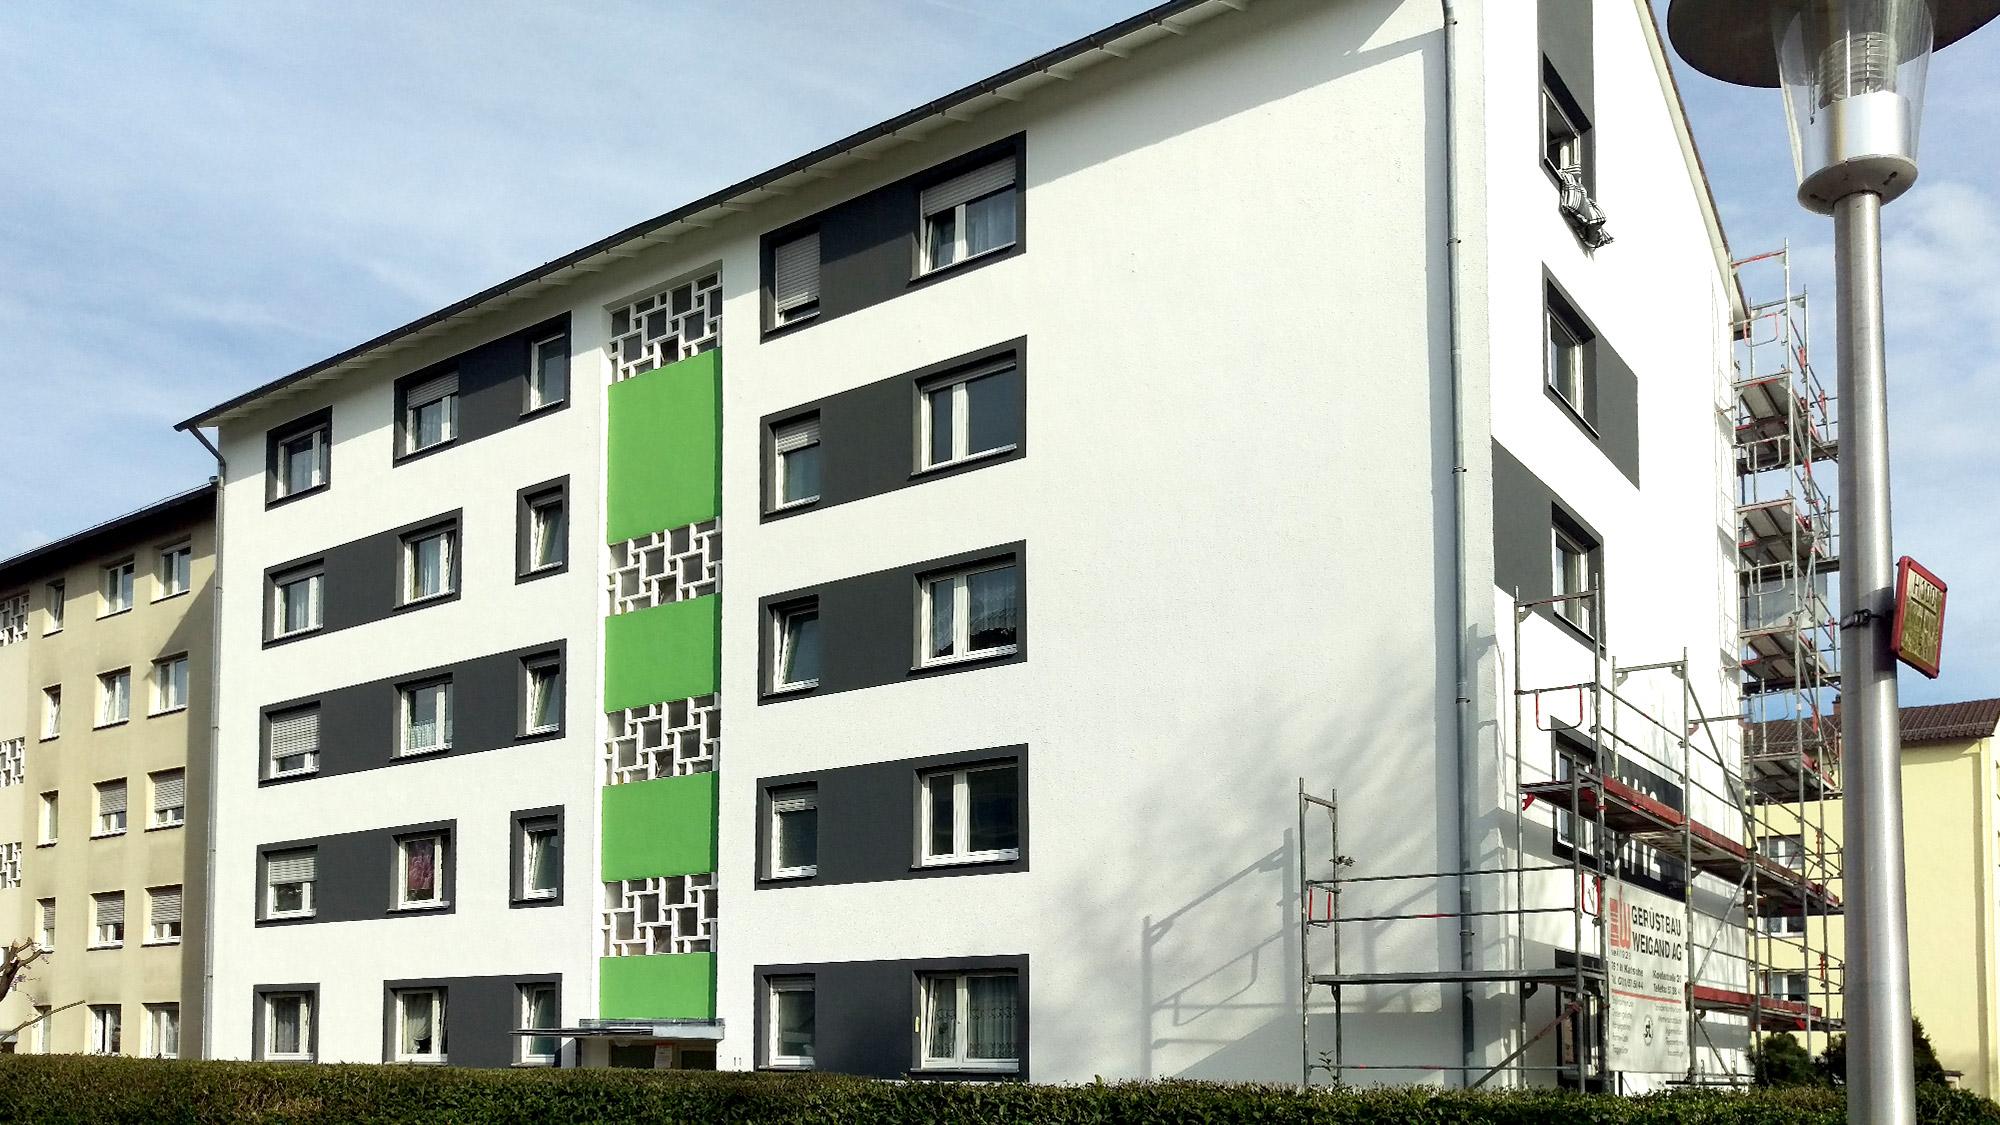 Rastatt Bauträger Baumeisterstraße 1